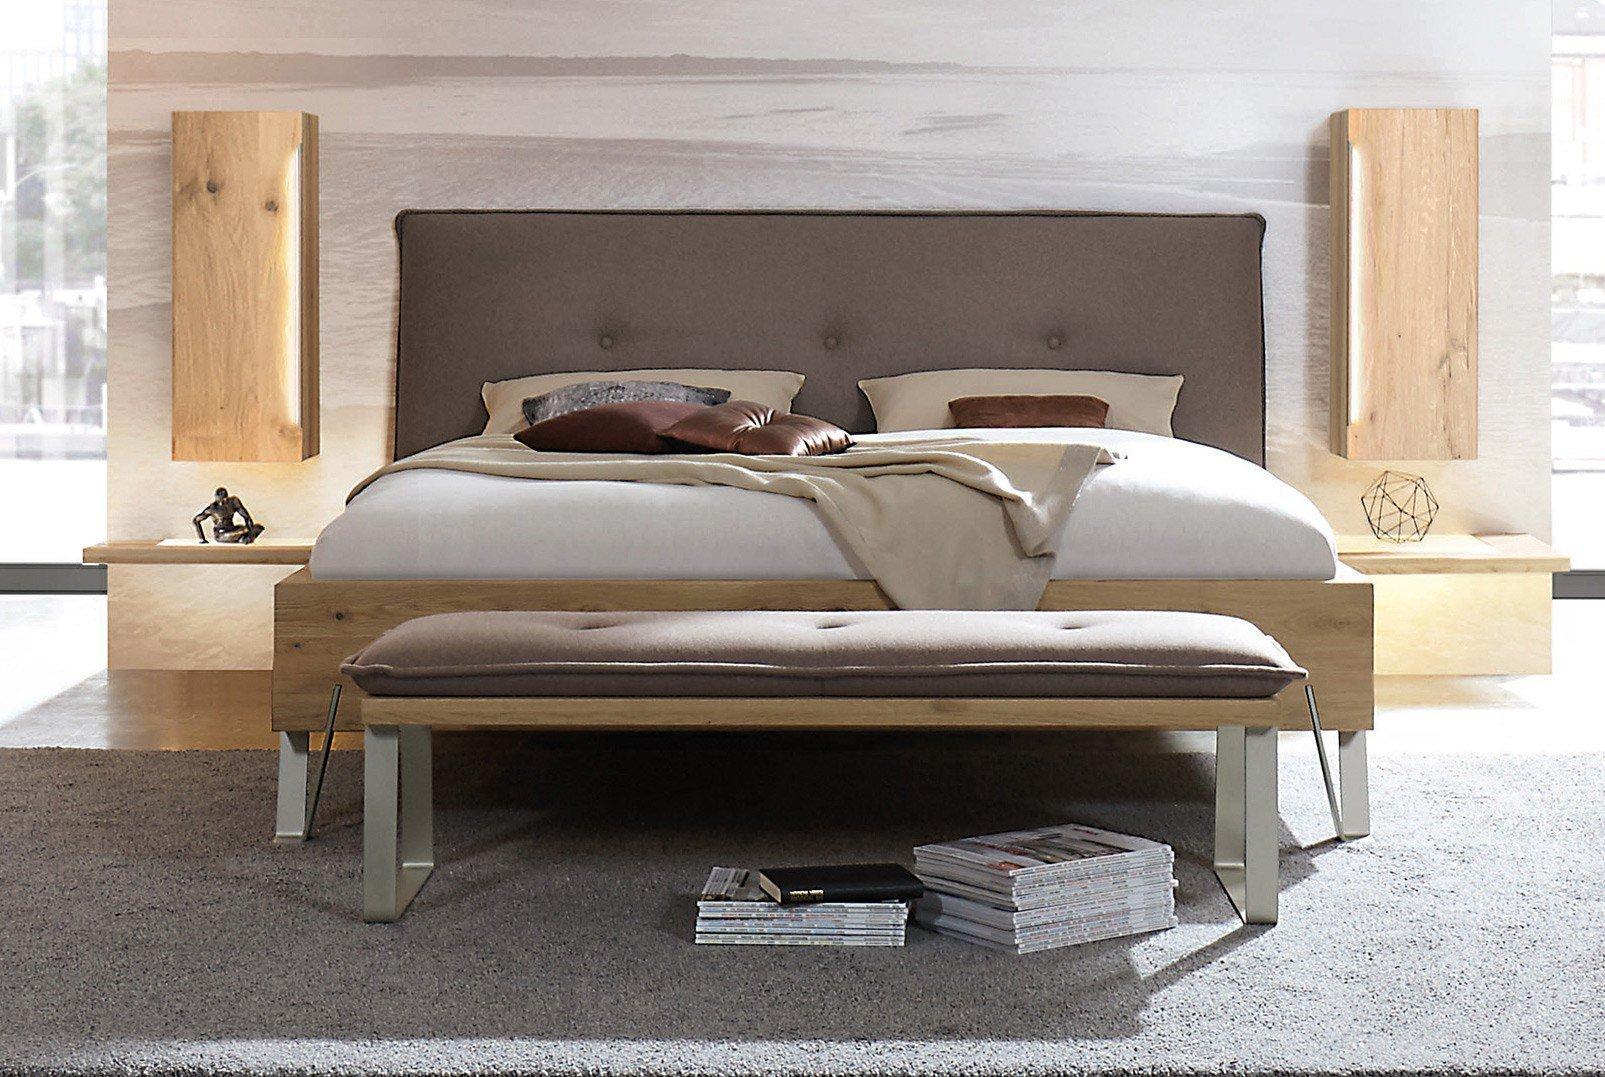 cubo von thielemeyer schlafzimmer set wildeiche